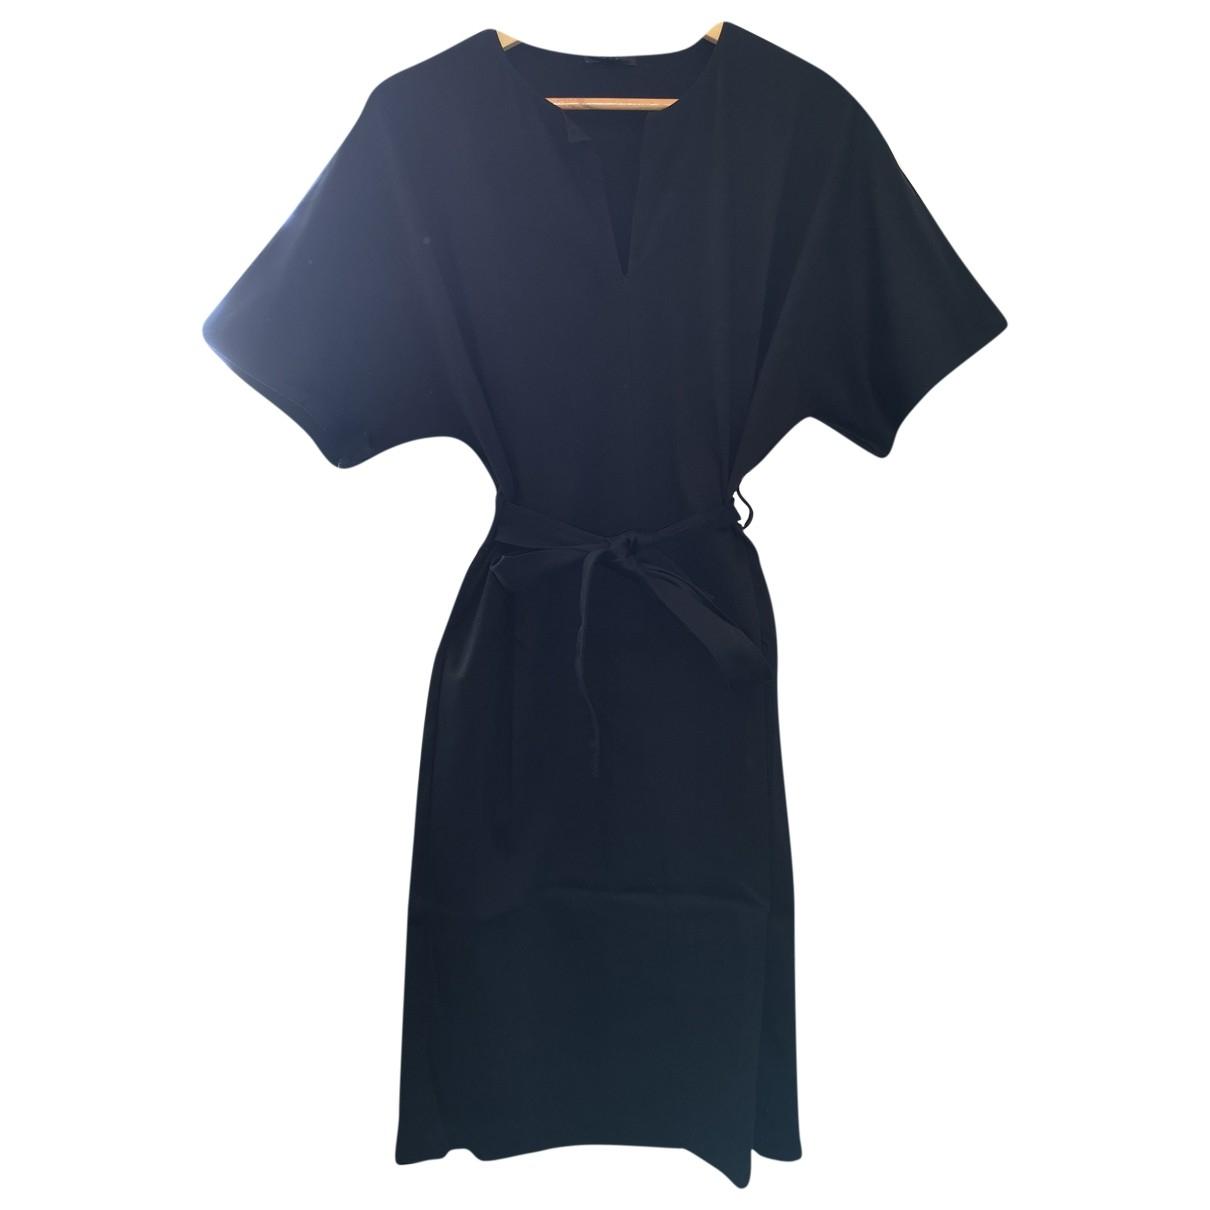 Cos \N Kleid in  Schwarz Baumwolle